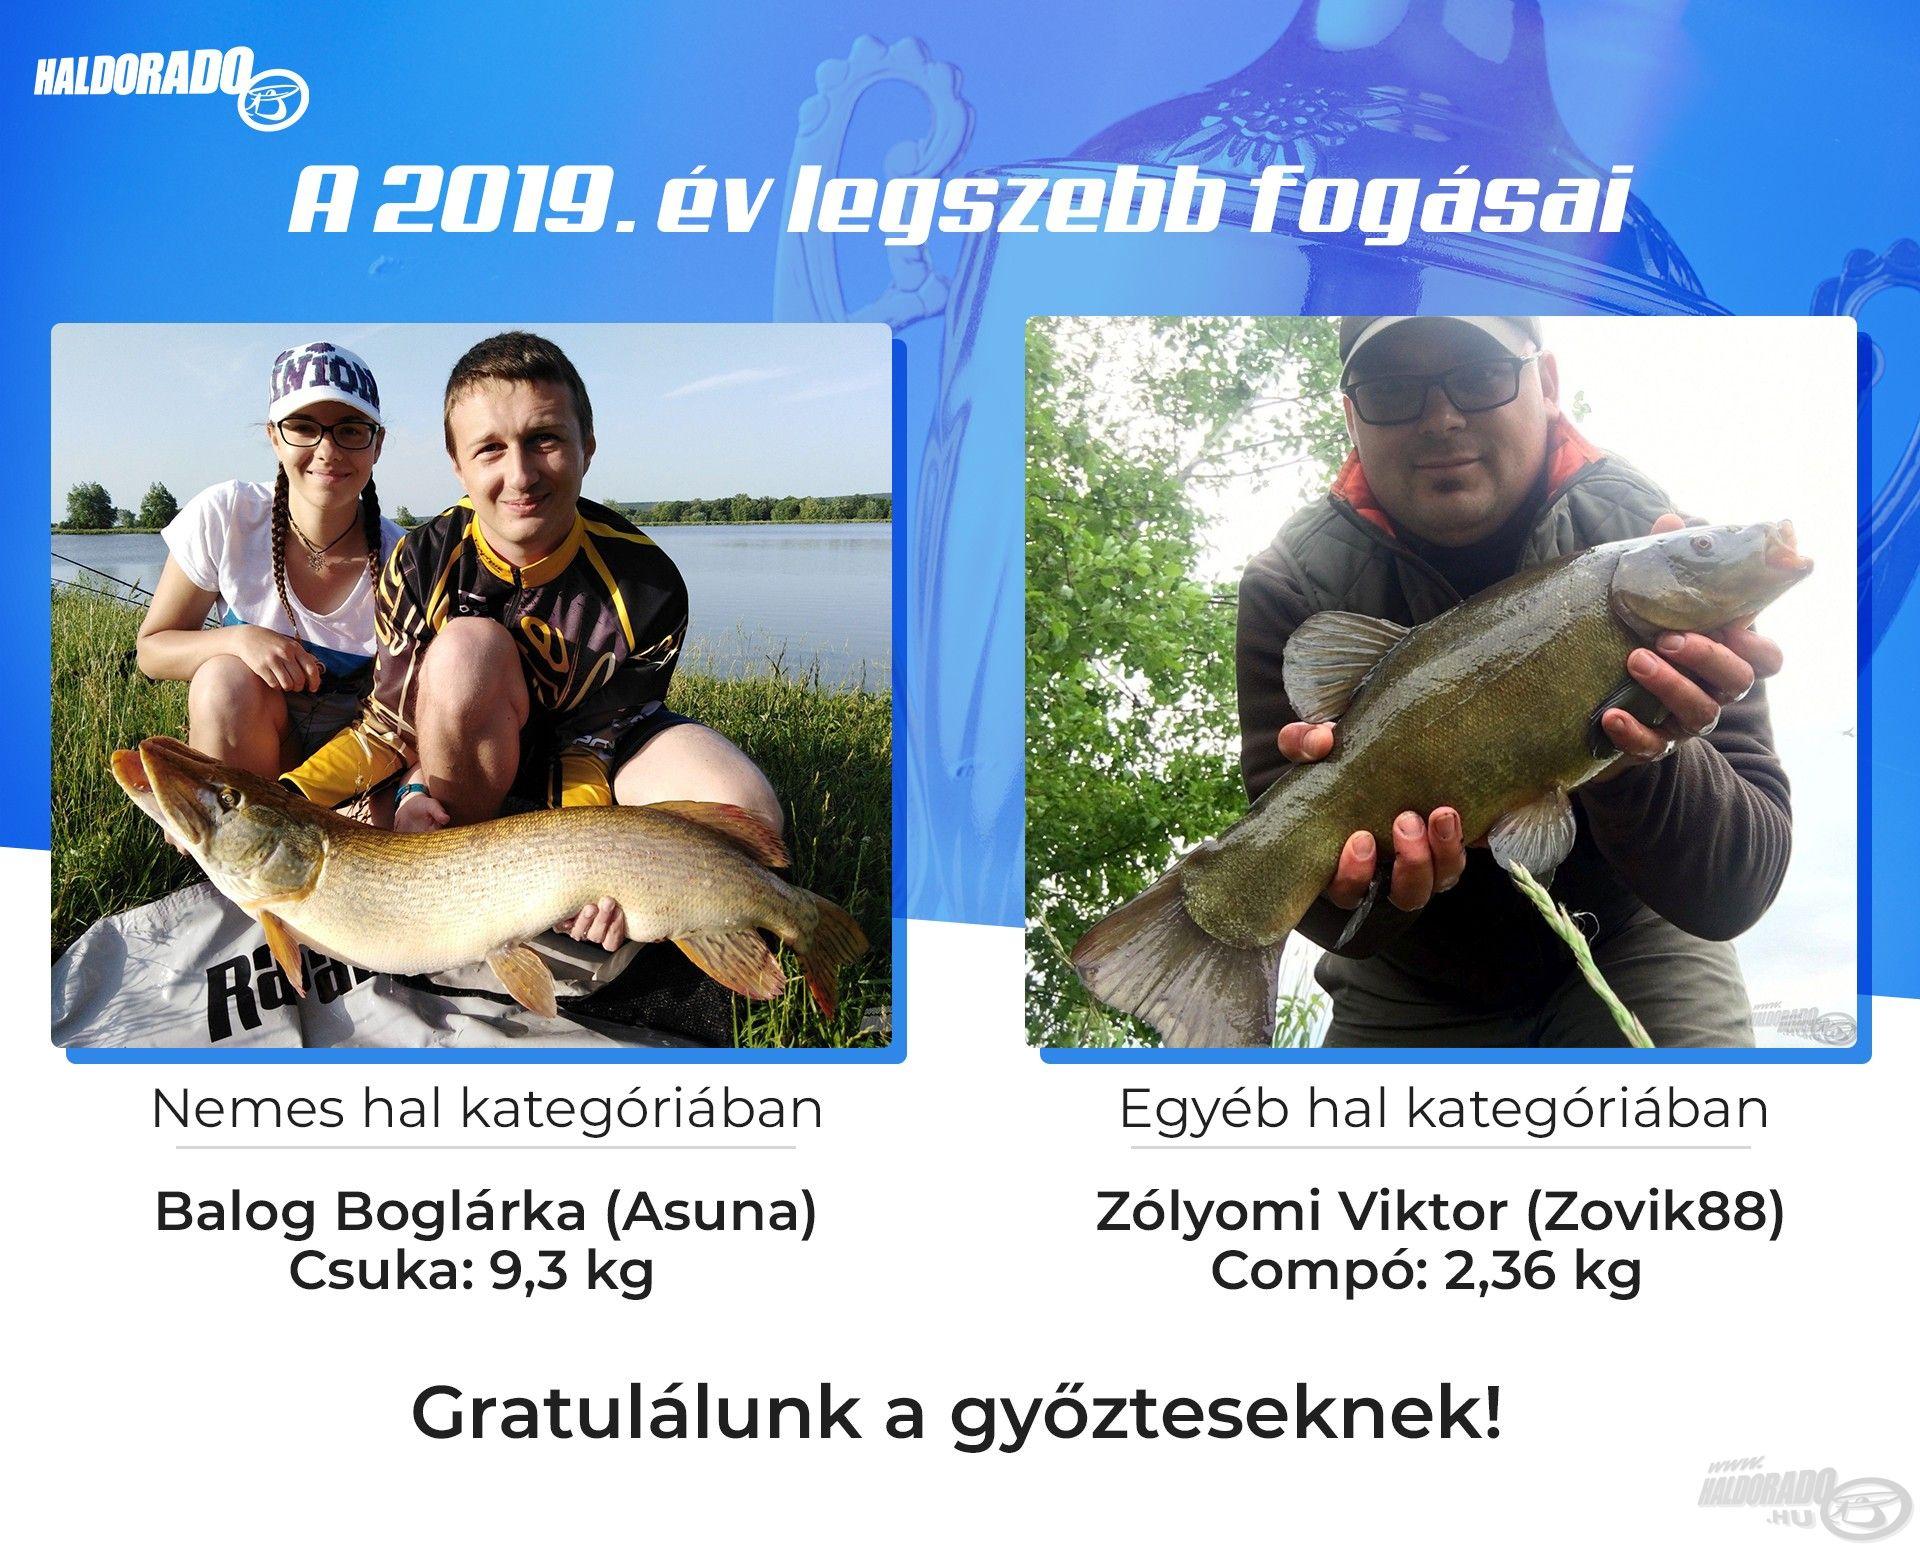 """""""Nemes hal"""" kategóriában Balog Boglárka, azaz """"Asuna"""" lett az első, gyönyörű csukájával, míg az """"Egyéb hal"""" kategória győztese Zólyomi Viktor, alias """"Zovik88"""" és gyönyörű compója lett"""